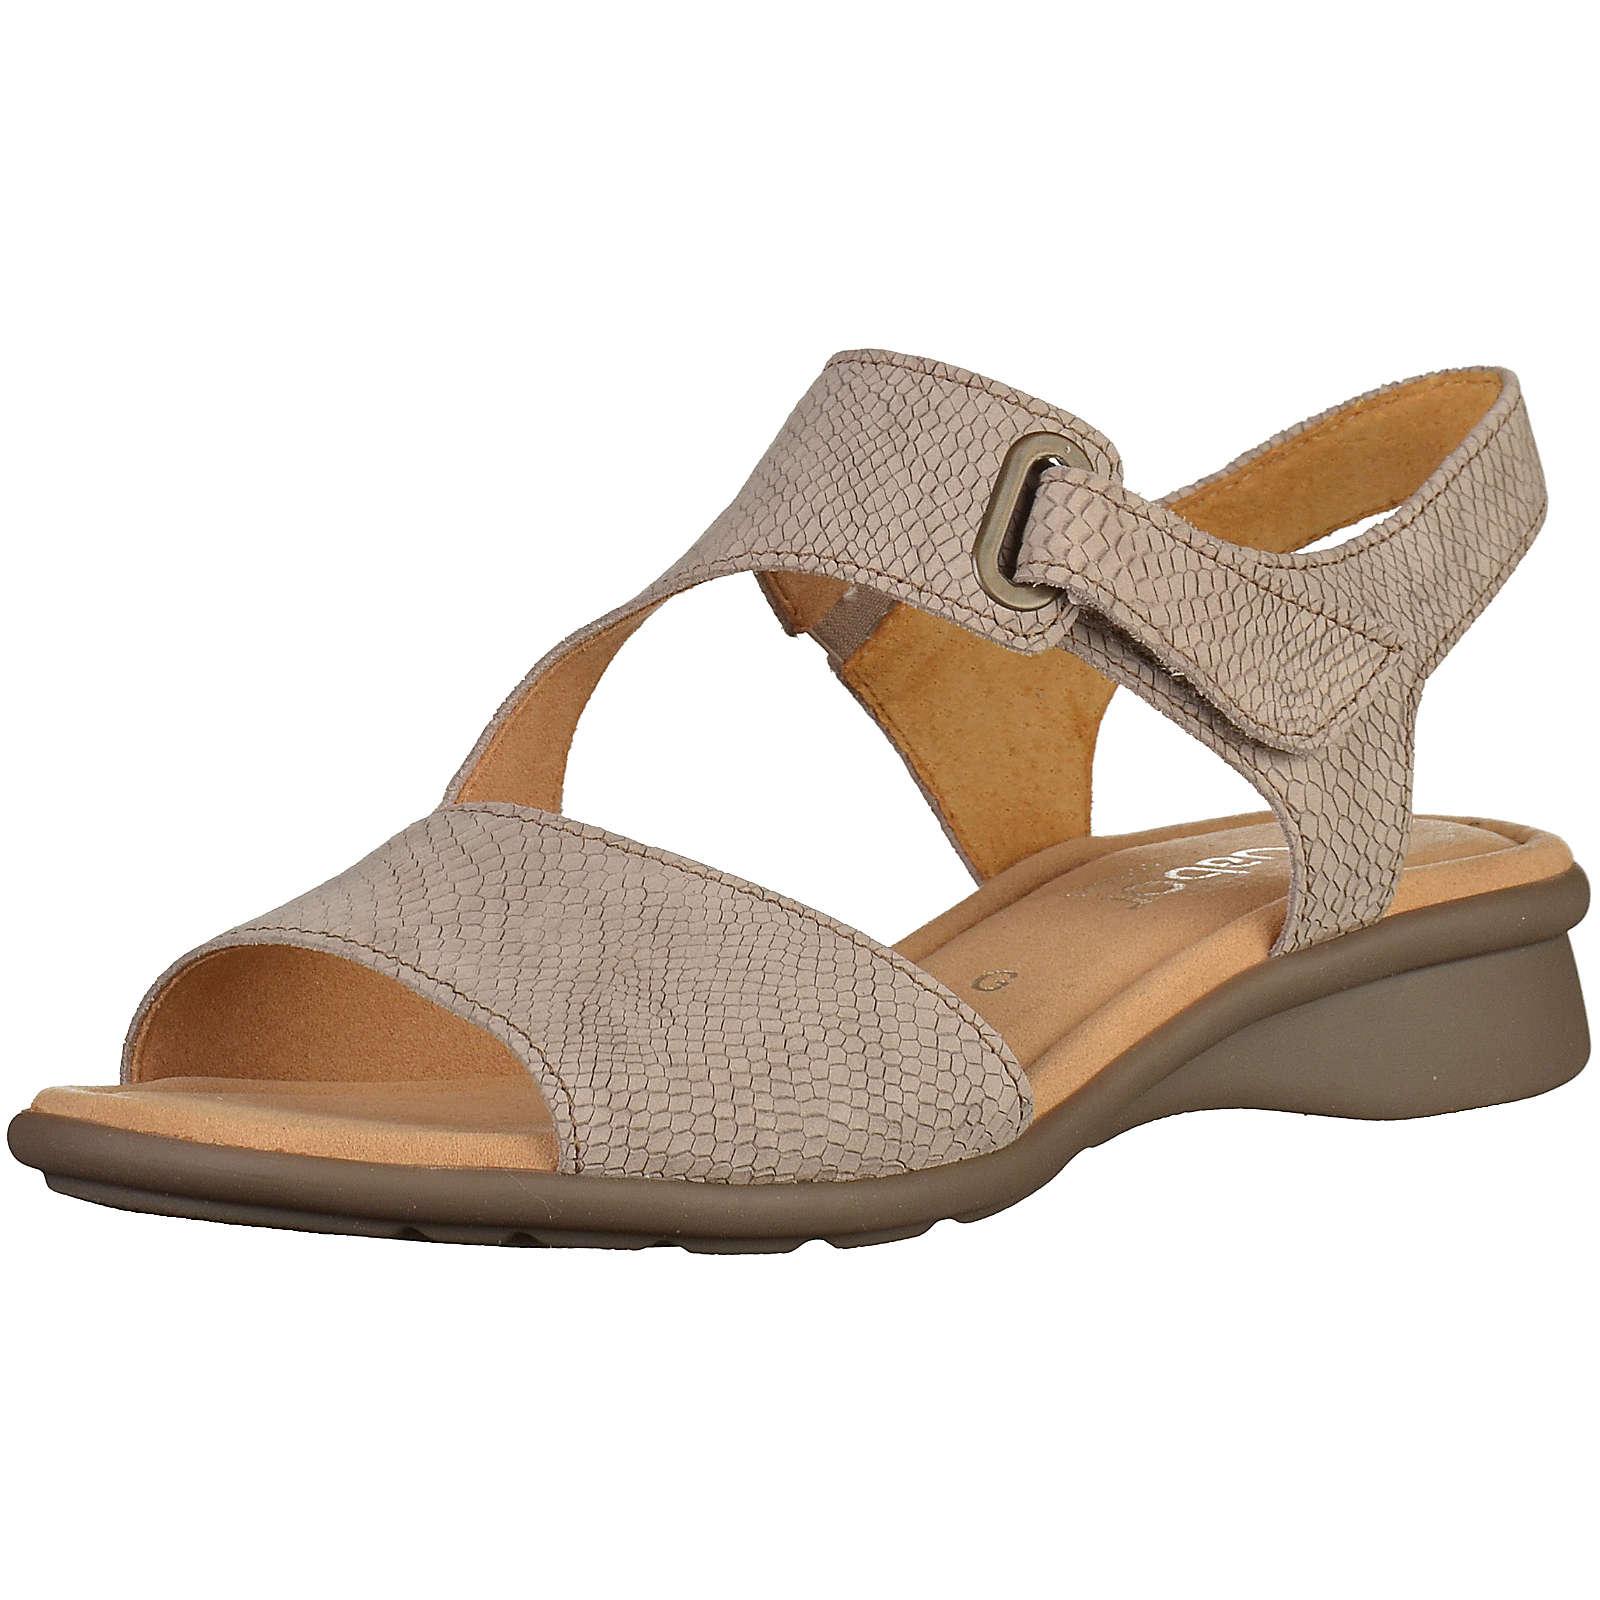 Gabor Klassische Sandaletten beige Damen Gr. 40,5